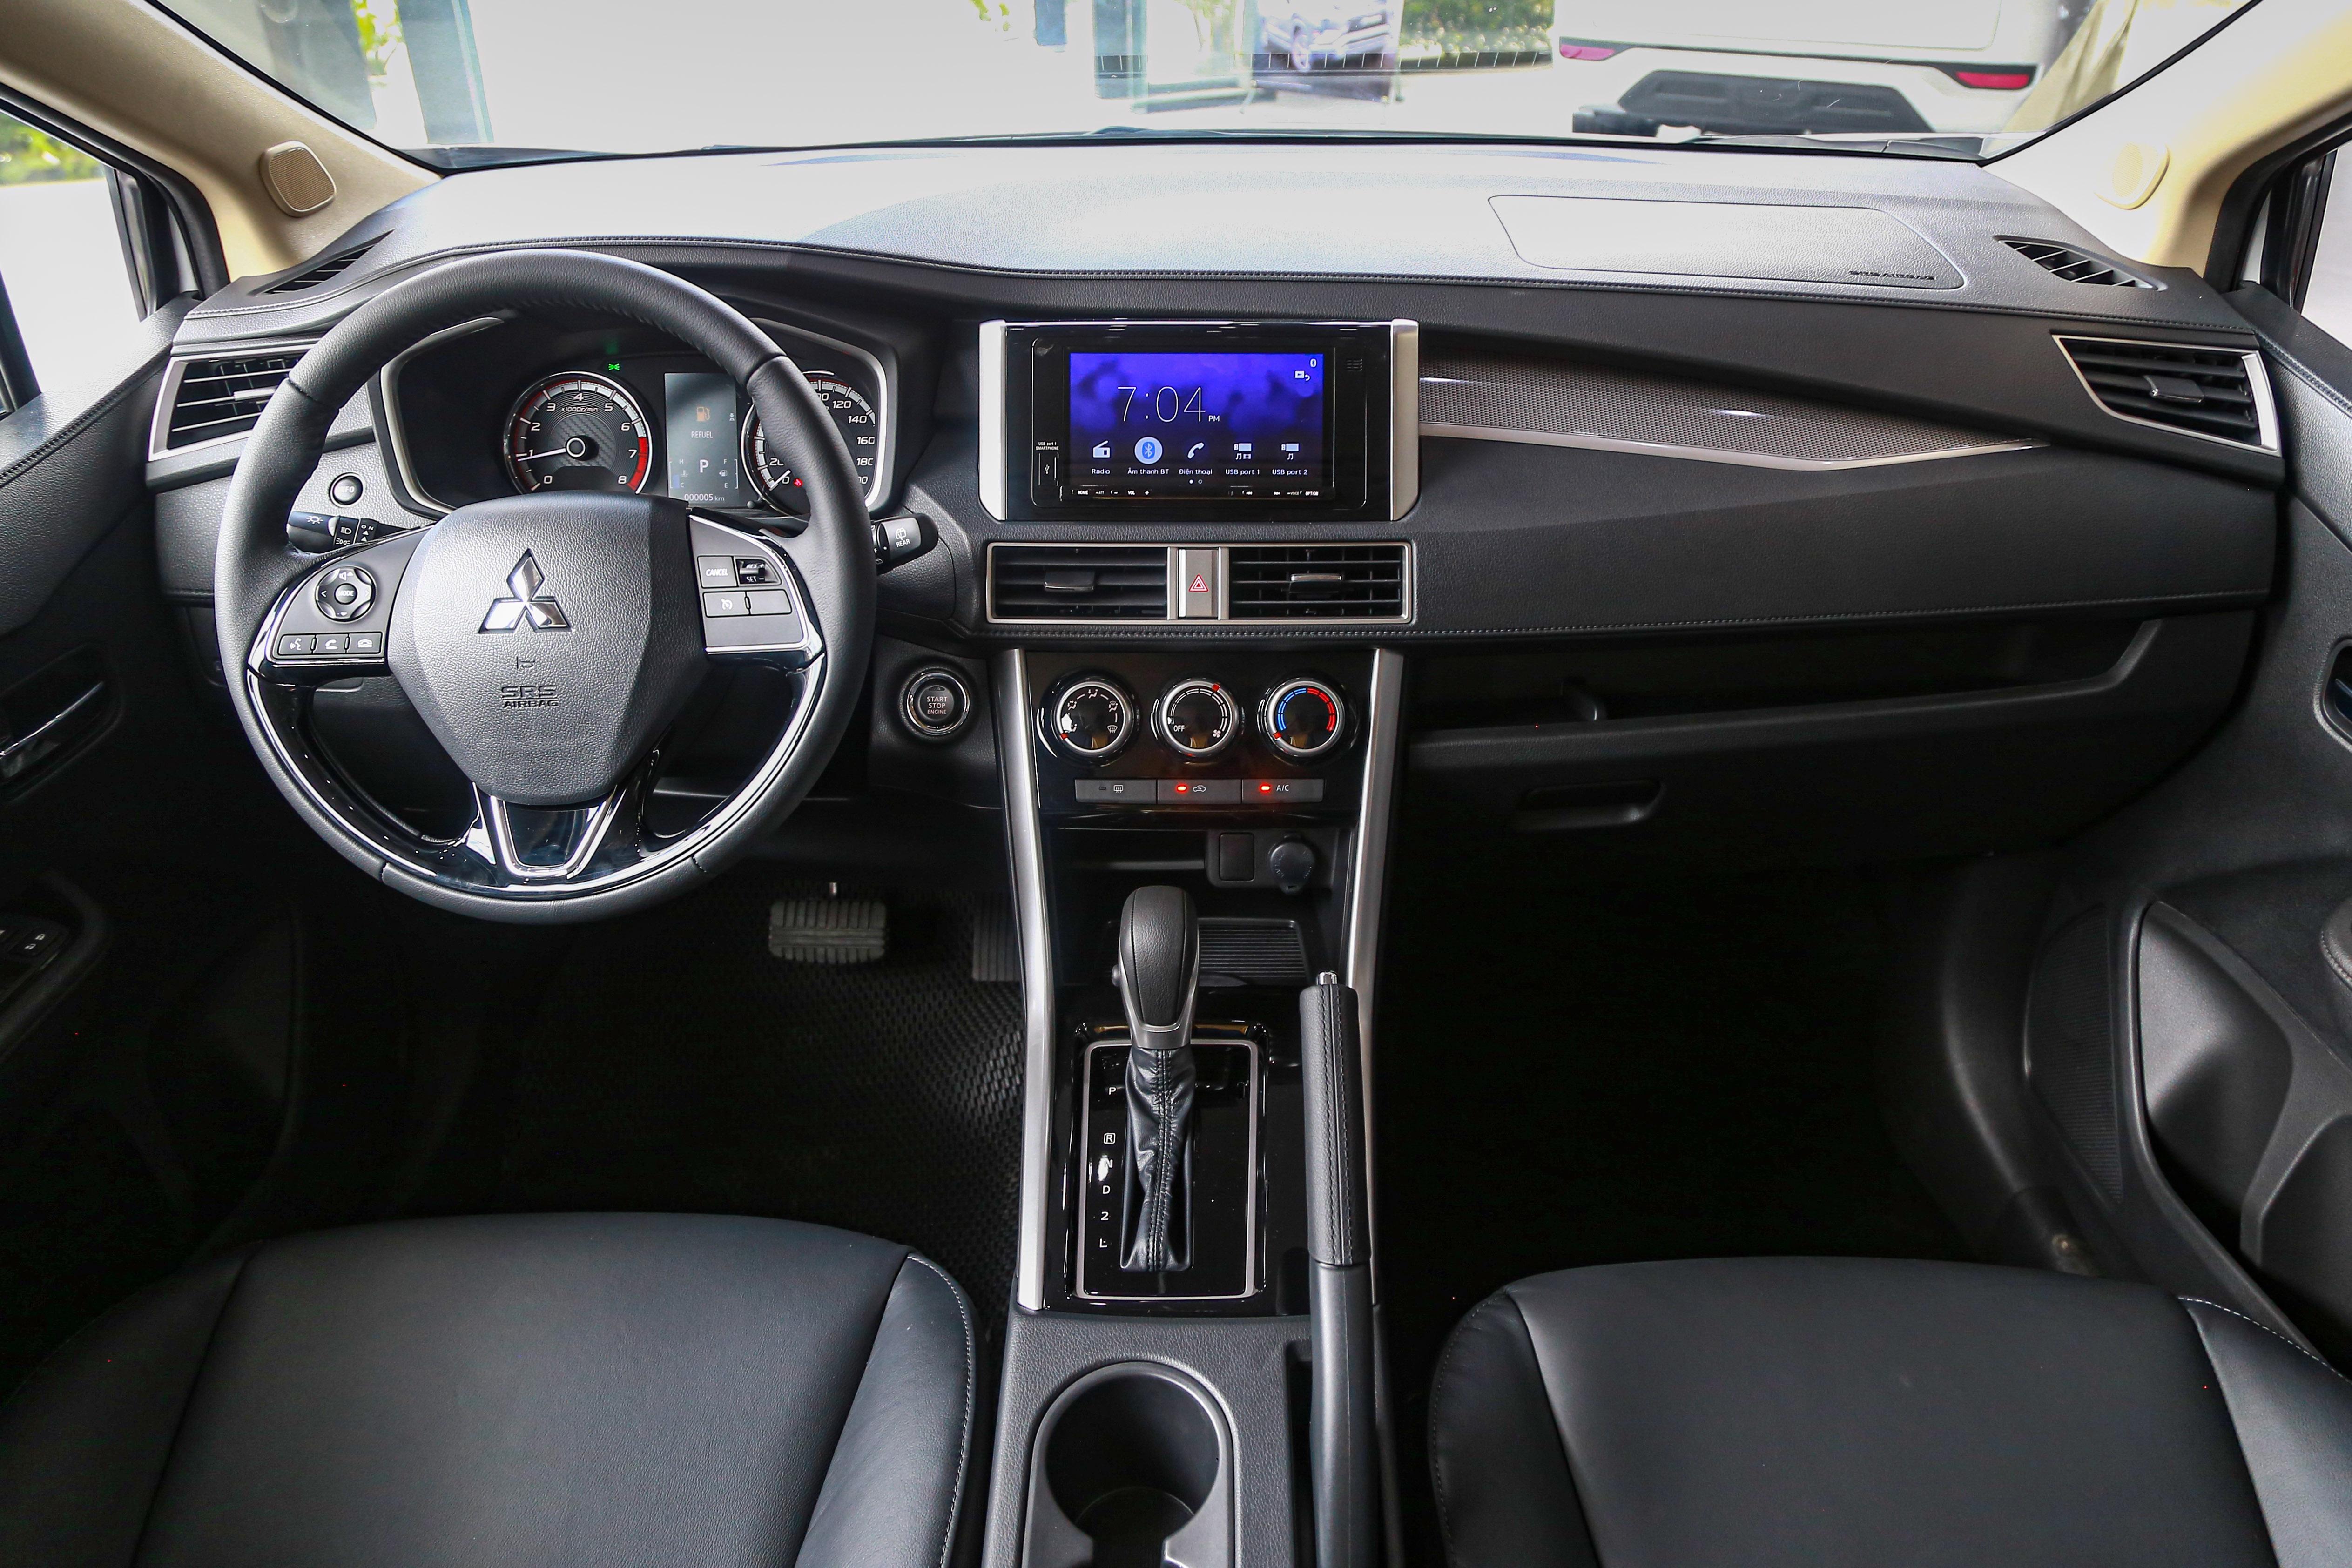 So sanh Mitsubishi Xpander hay Suzuki XL7 anh 8